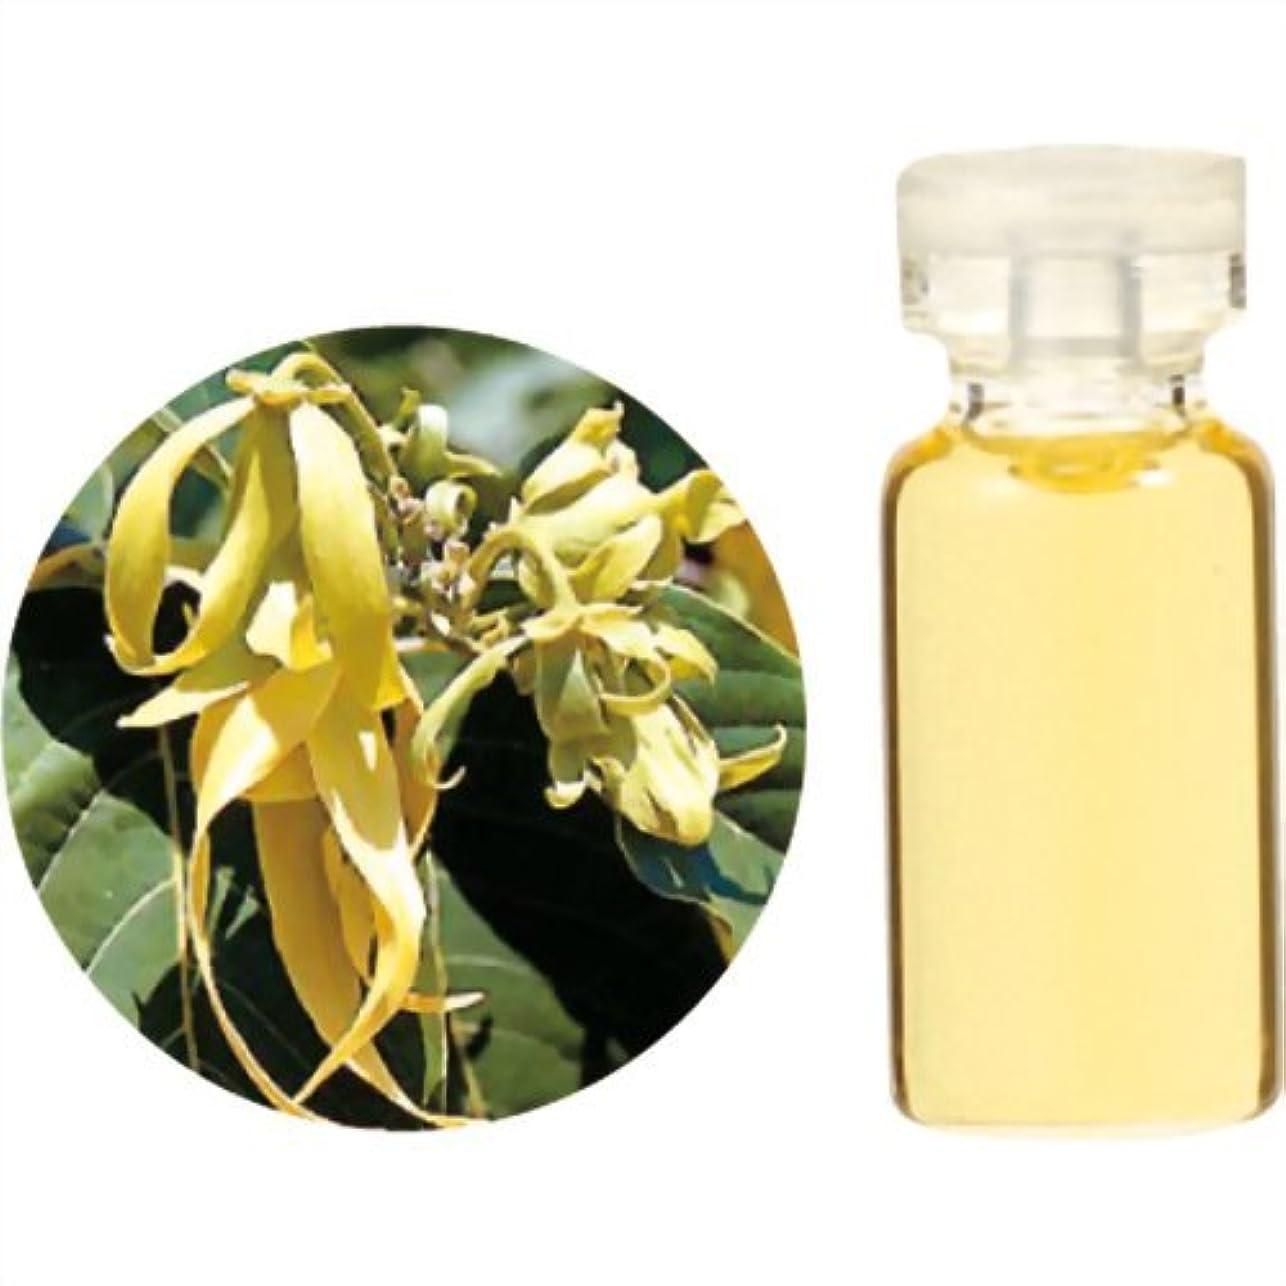 途方もないショッピングセンターオープニング生活の木 Herbal Life イランイラン?エクストラ 10ml